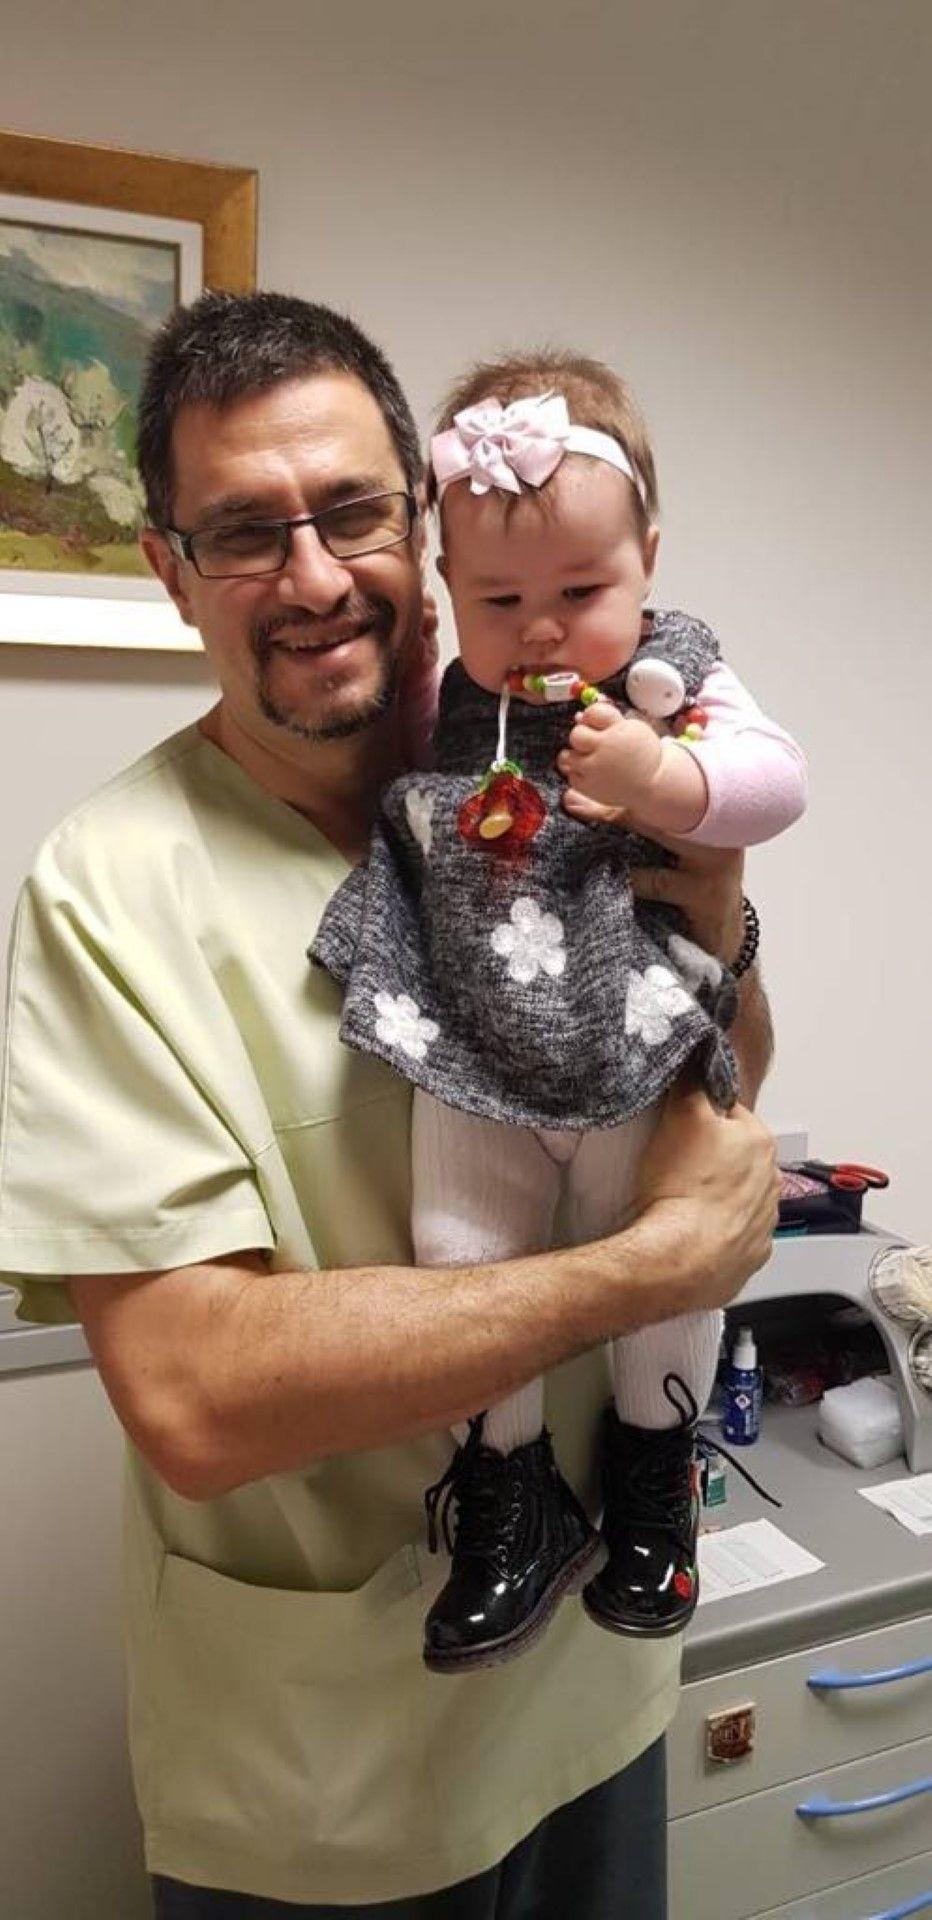 Д-р Стаменов с малката Мария-Виктория, родена след ин витро с донорска яйцеклетка